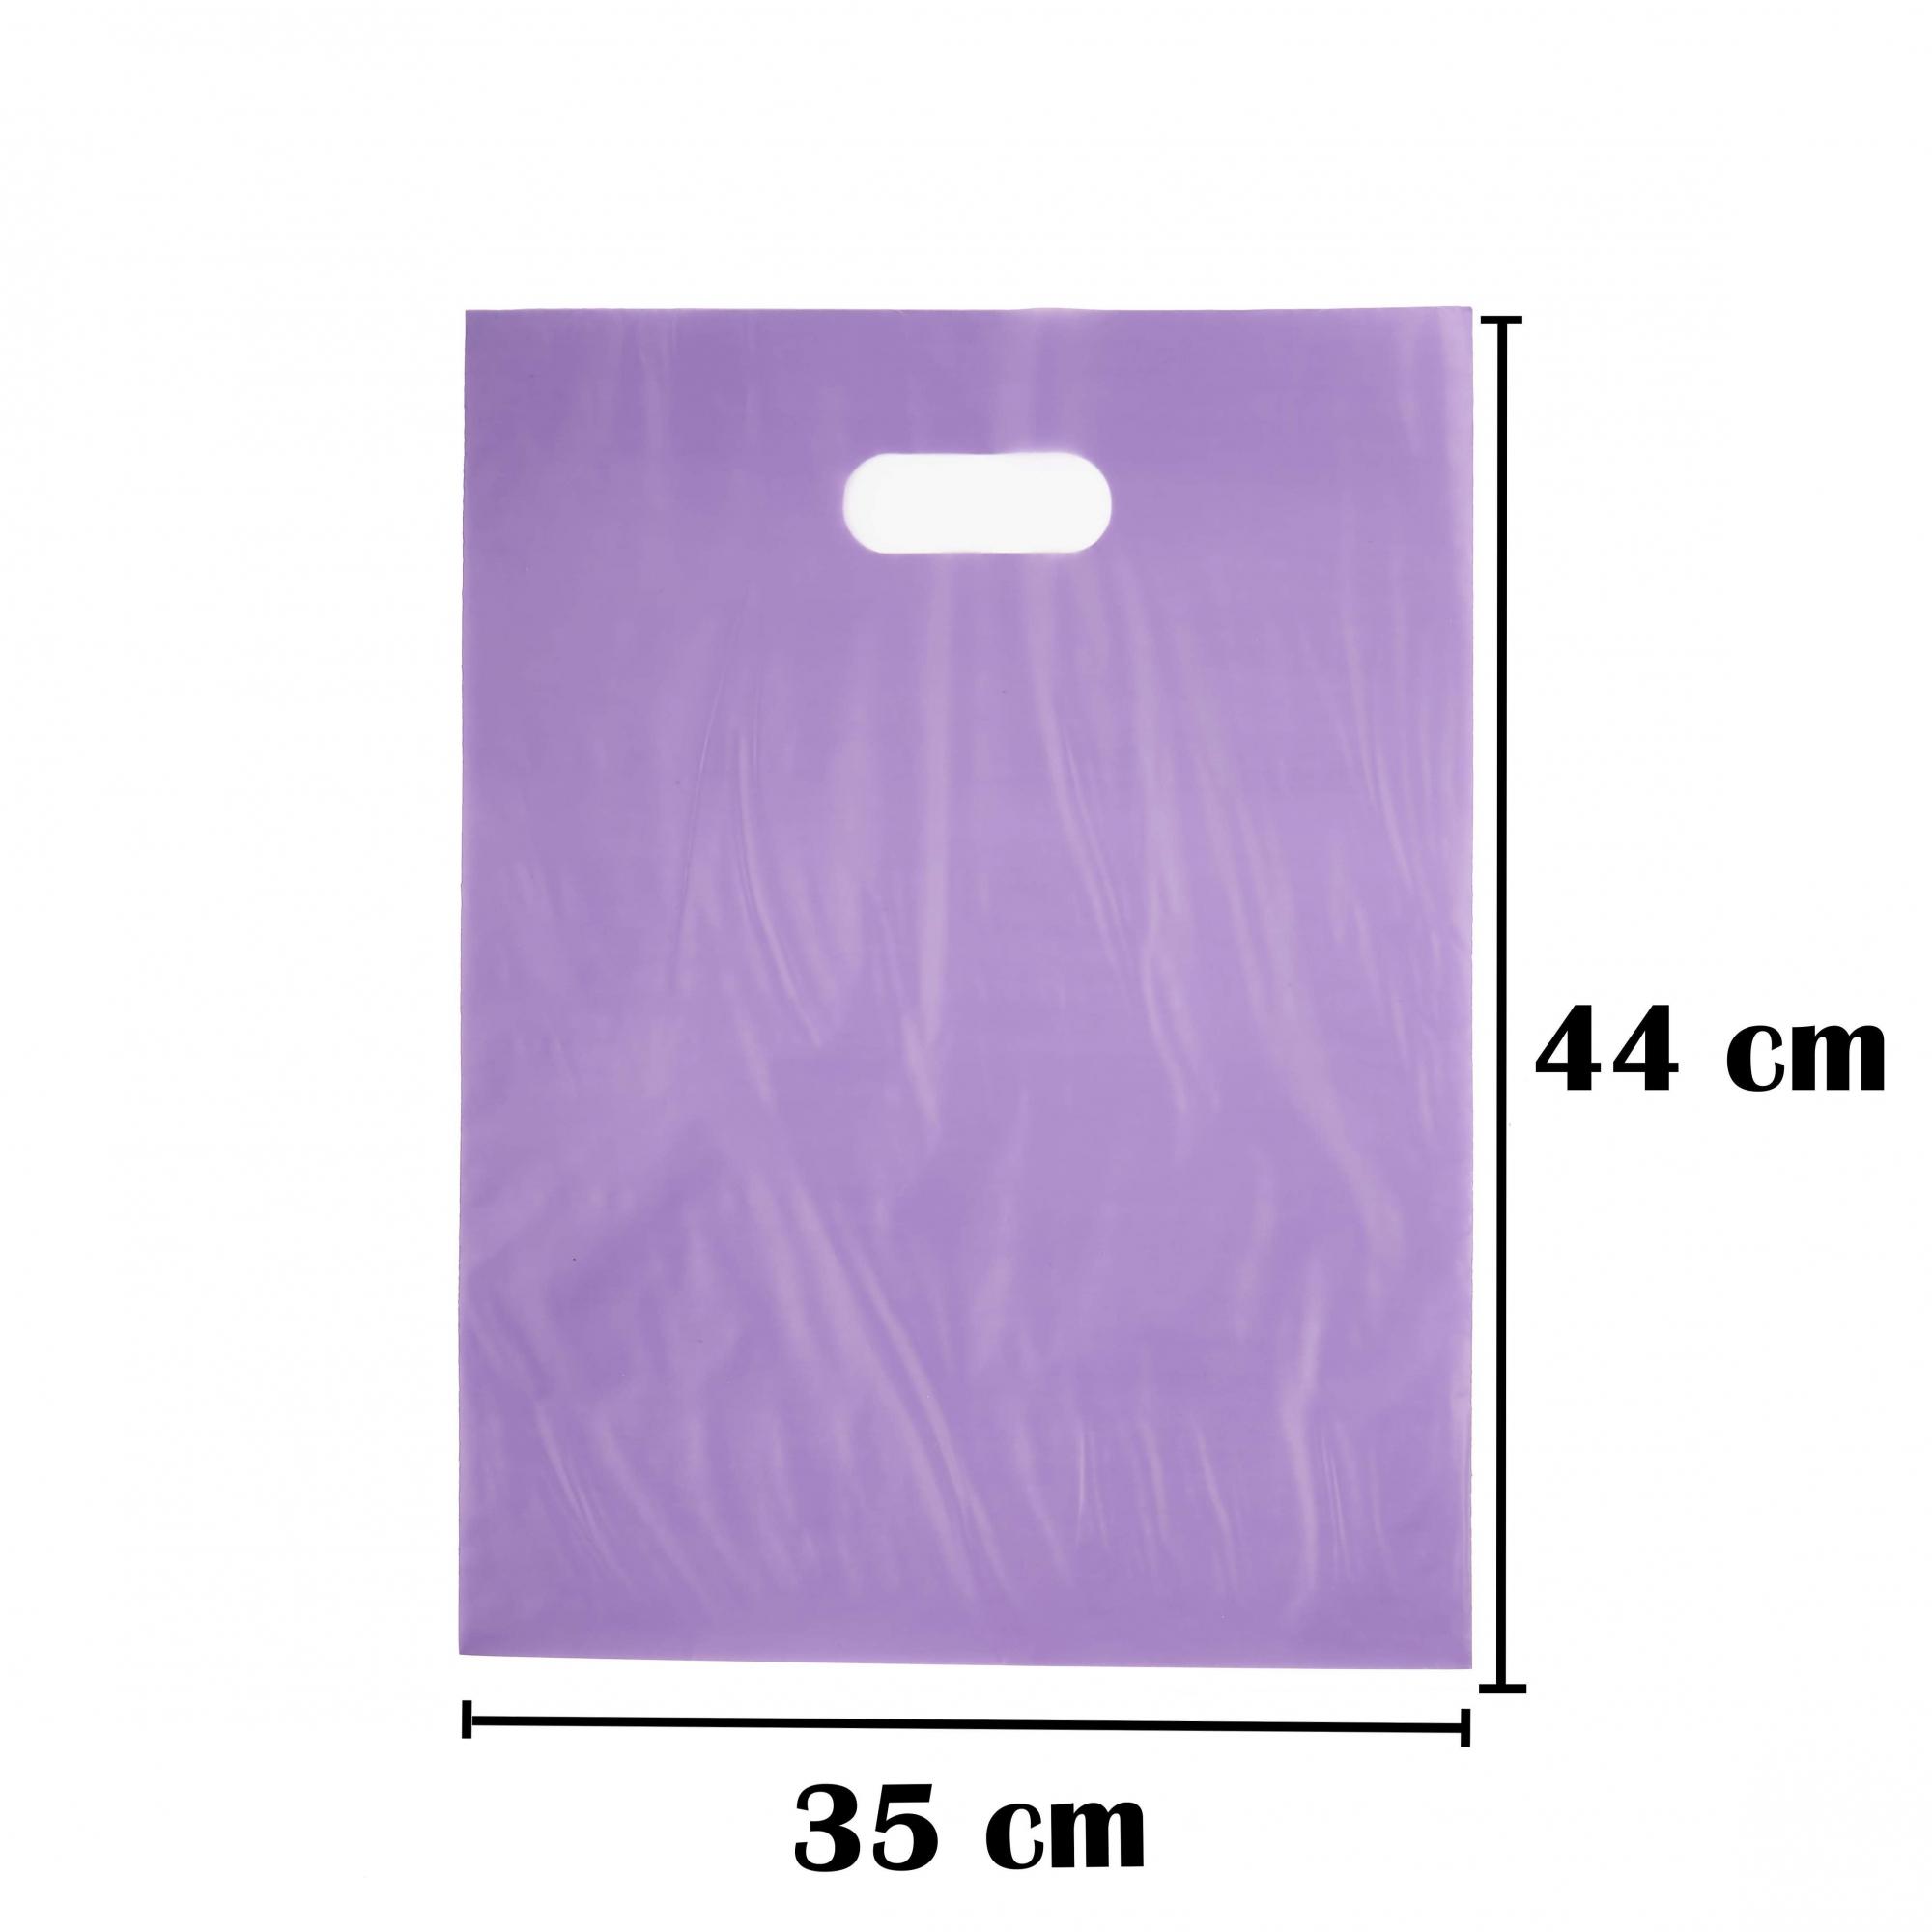 Sacola Plástica 35x44 Roxa Alça Boca de Palhaço 250 Unidades